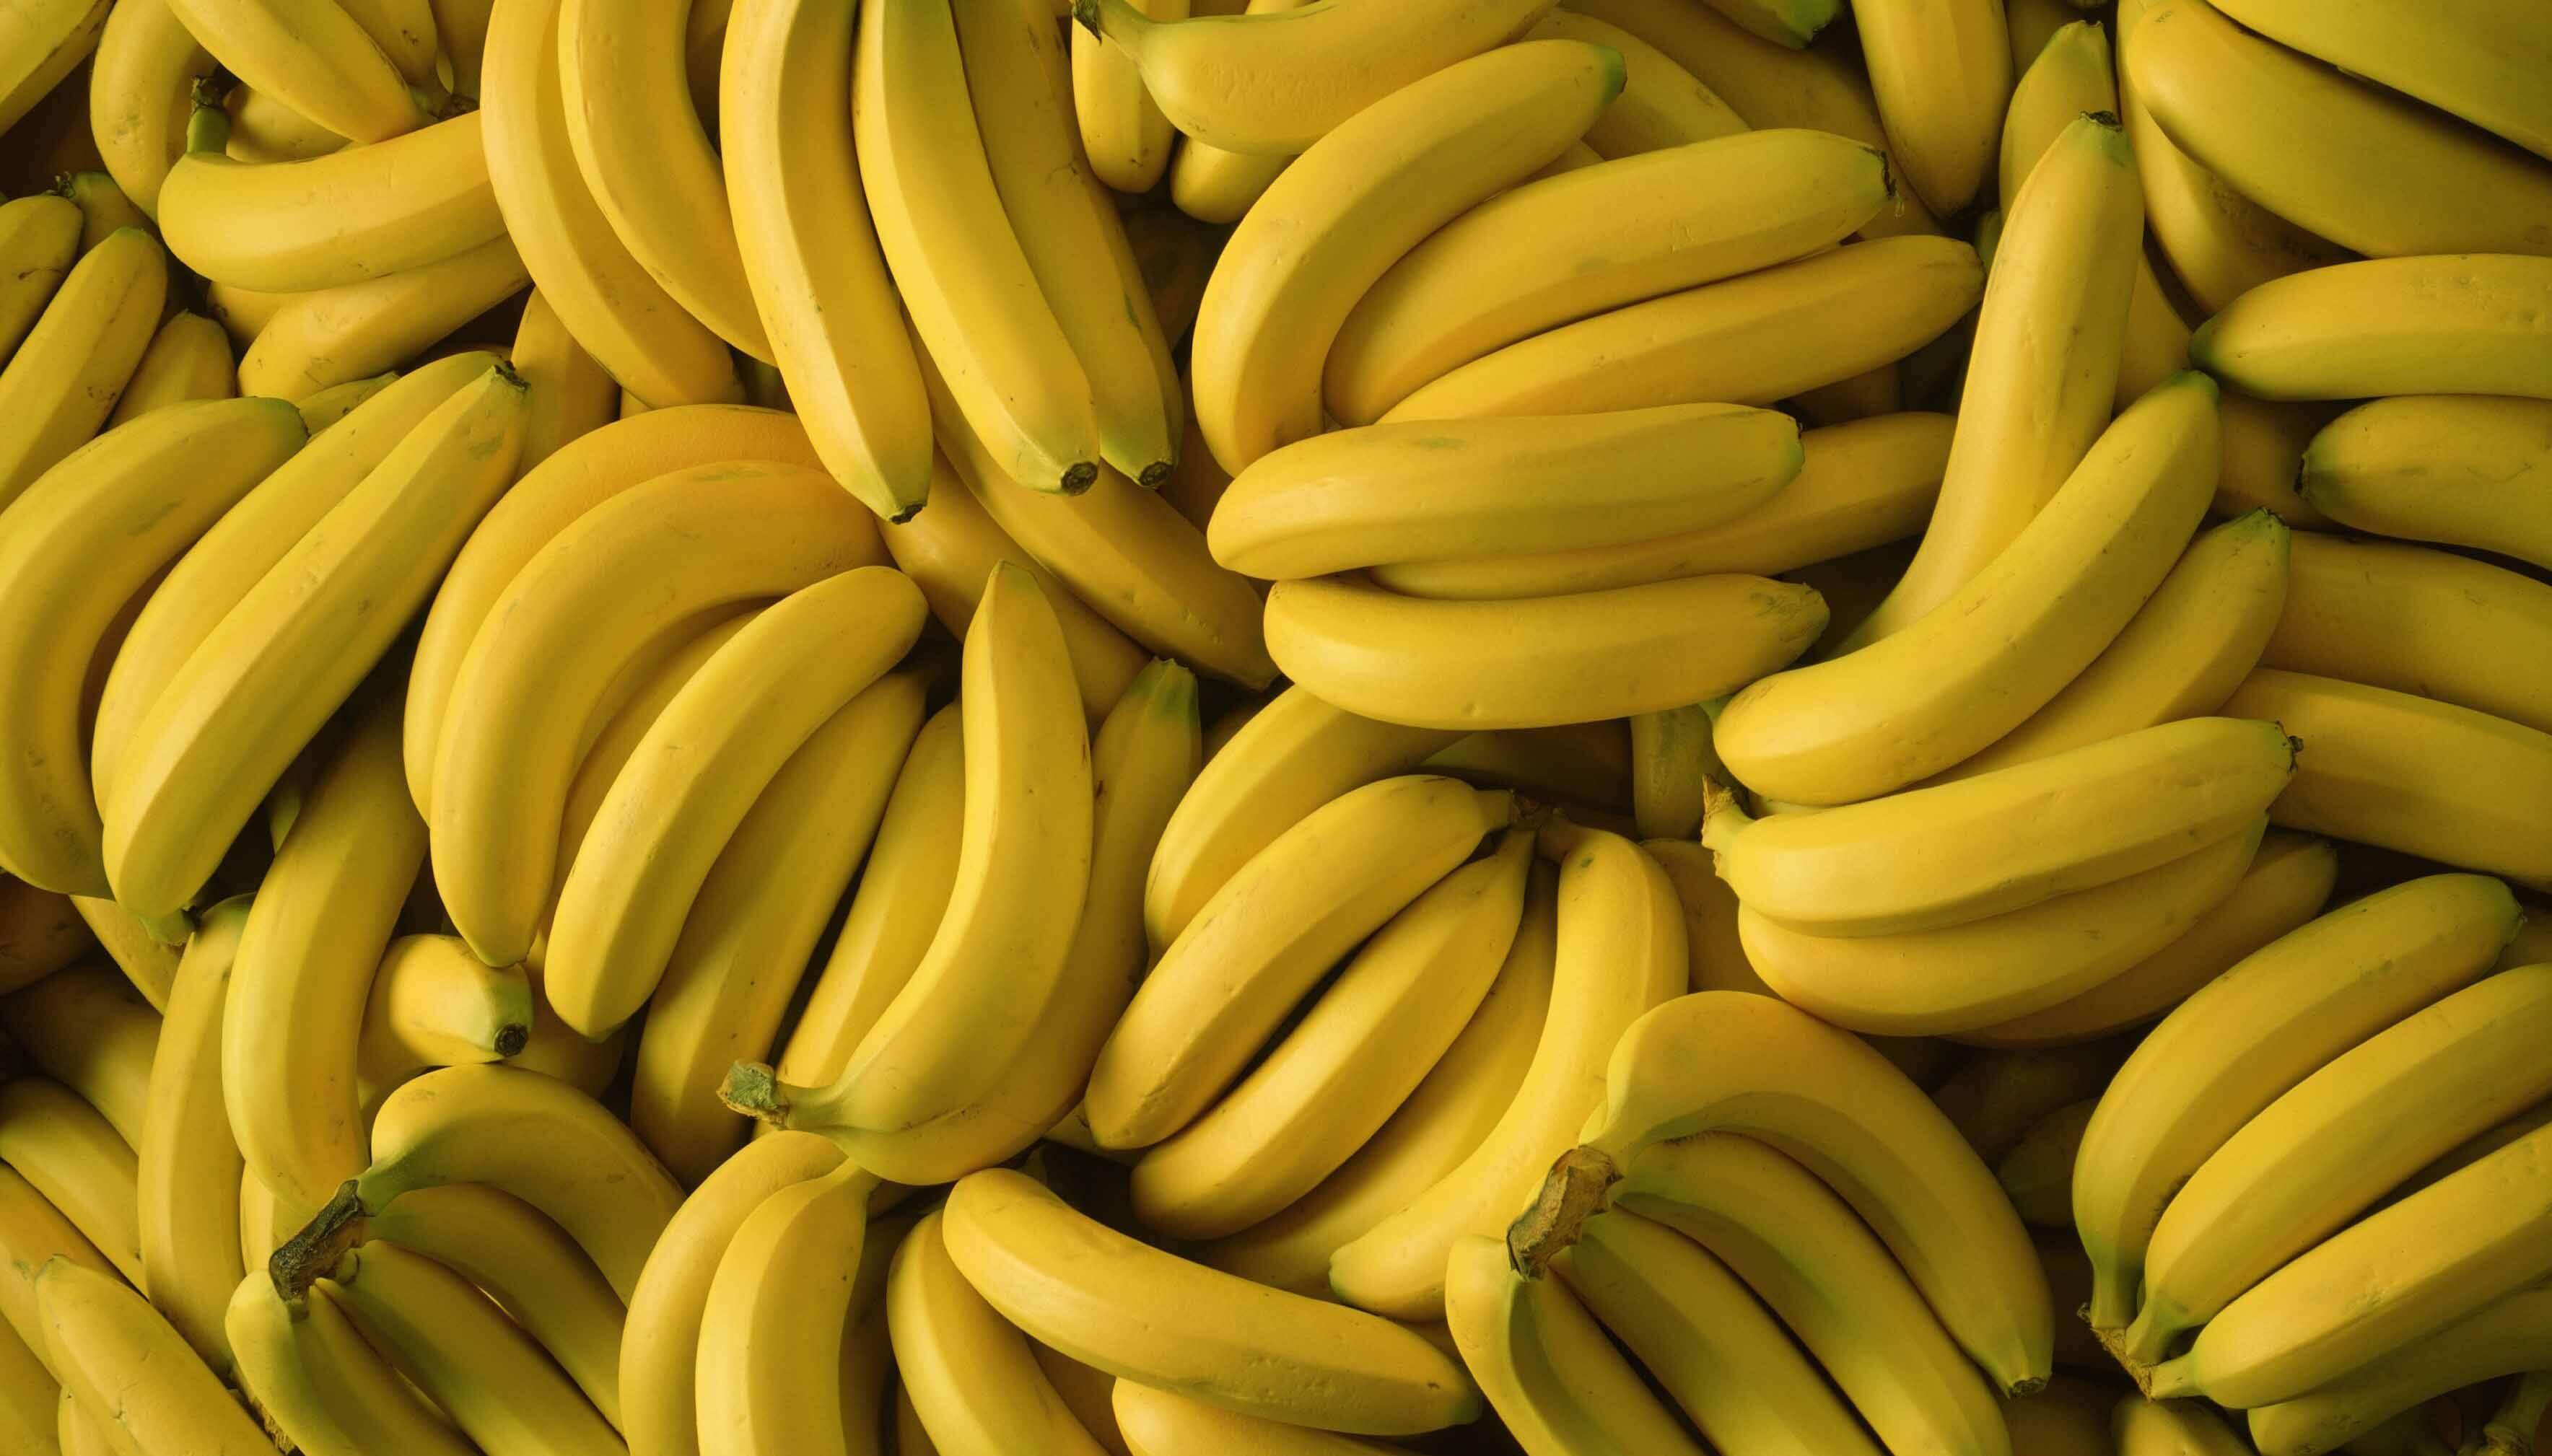 失眠别再傻傻的吃安眠药,只要一根香蕉,不吃药也能睡得